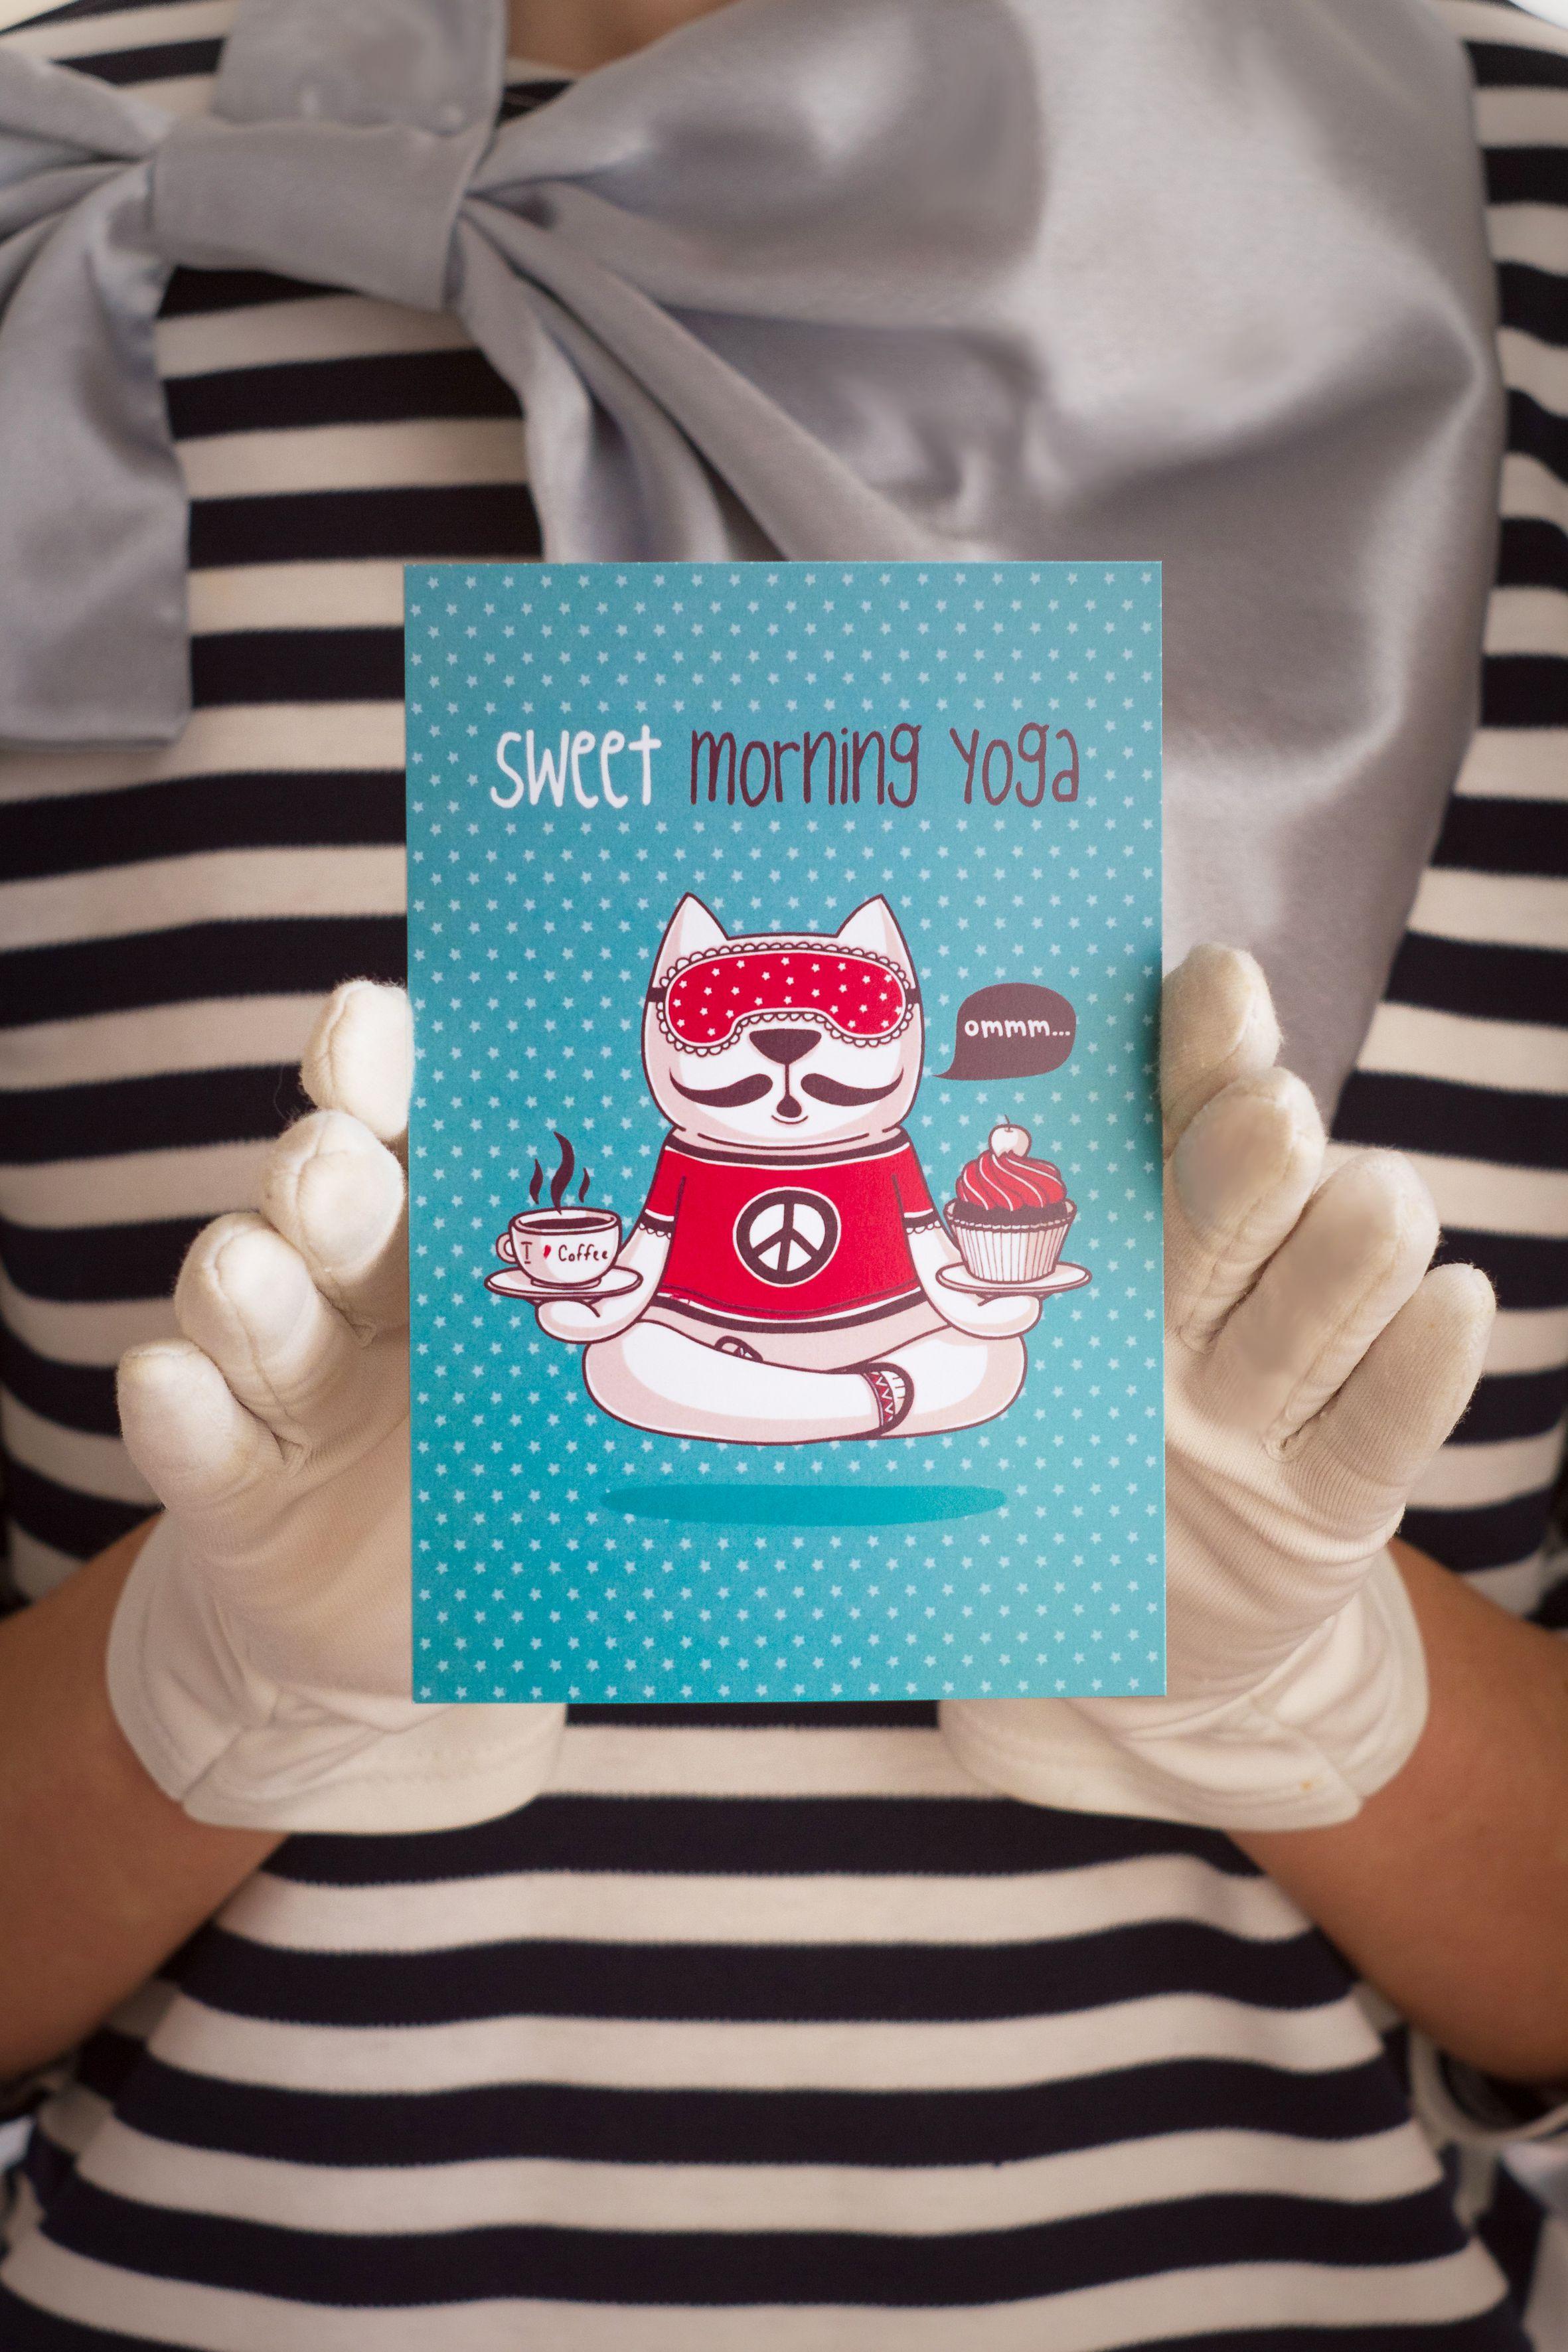 знаквнимания morning сюрприз sweet yoga открытка подарок